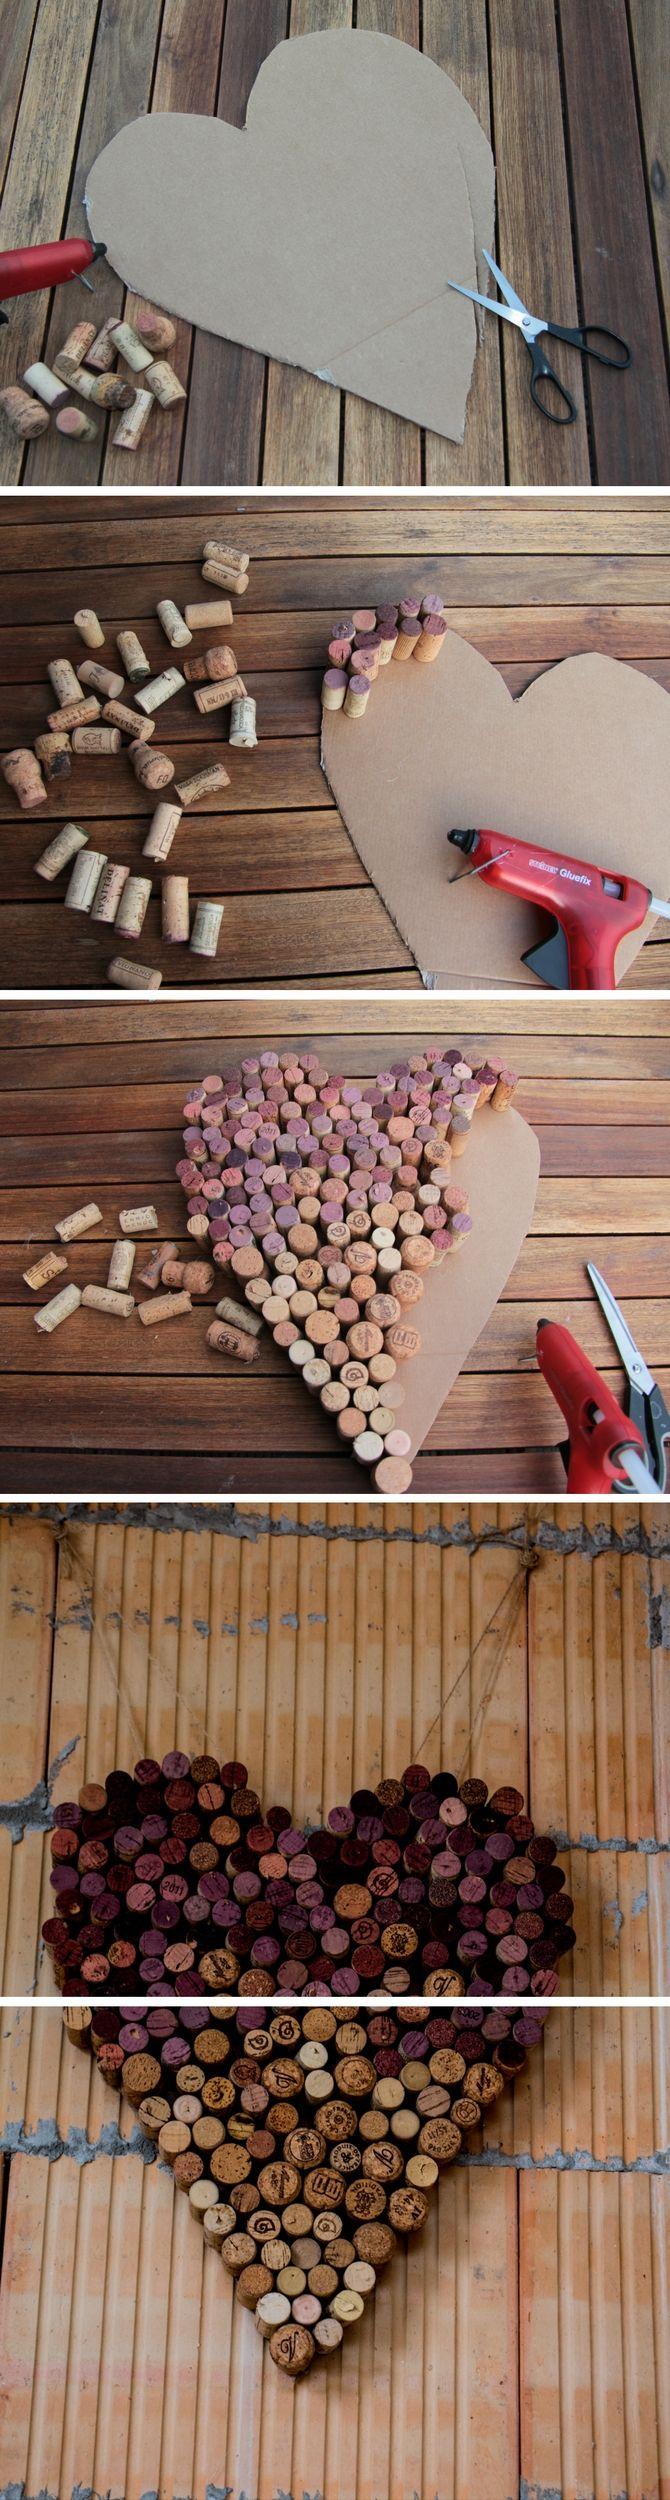 Ein Herz aus alten Weinkorken - einen wunderschöne Deko für die Hochzeit und ein super Upcycling-Projekt. Durch die Verwendung von Rotwein-Flaschen-Korken entsteht ein besonderer Ombre-Effekt.